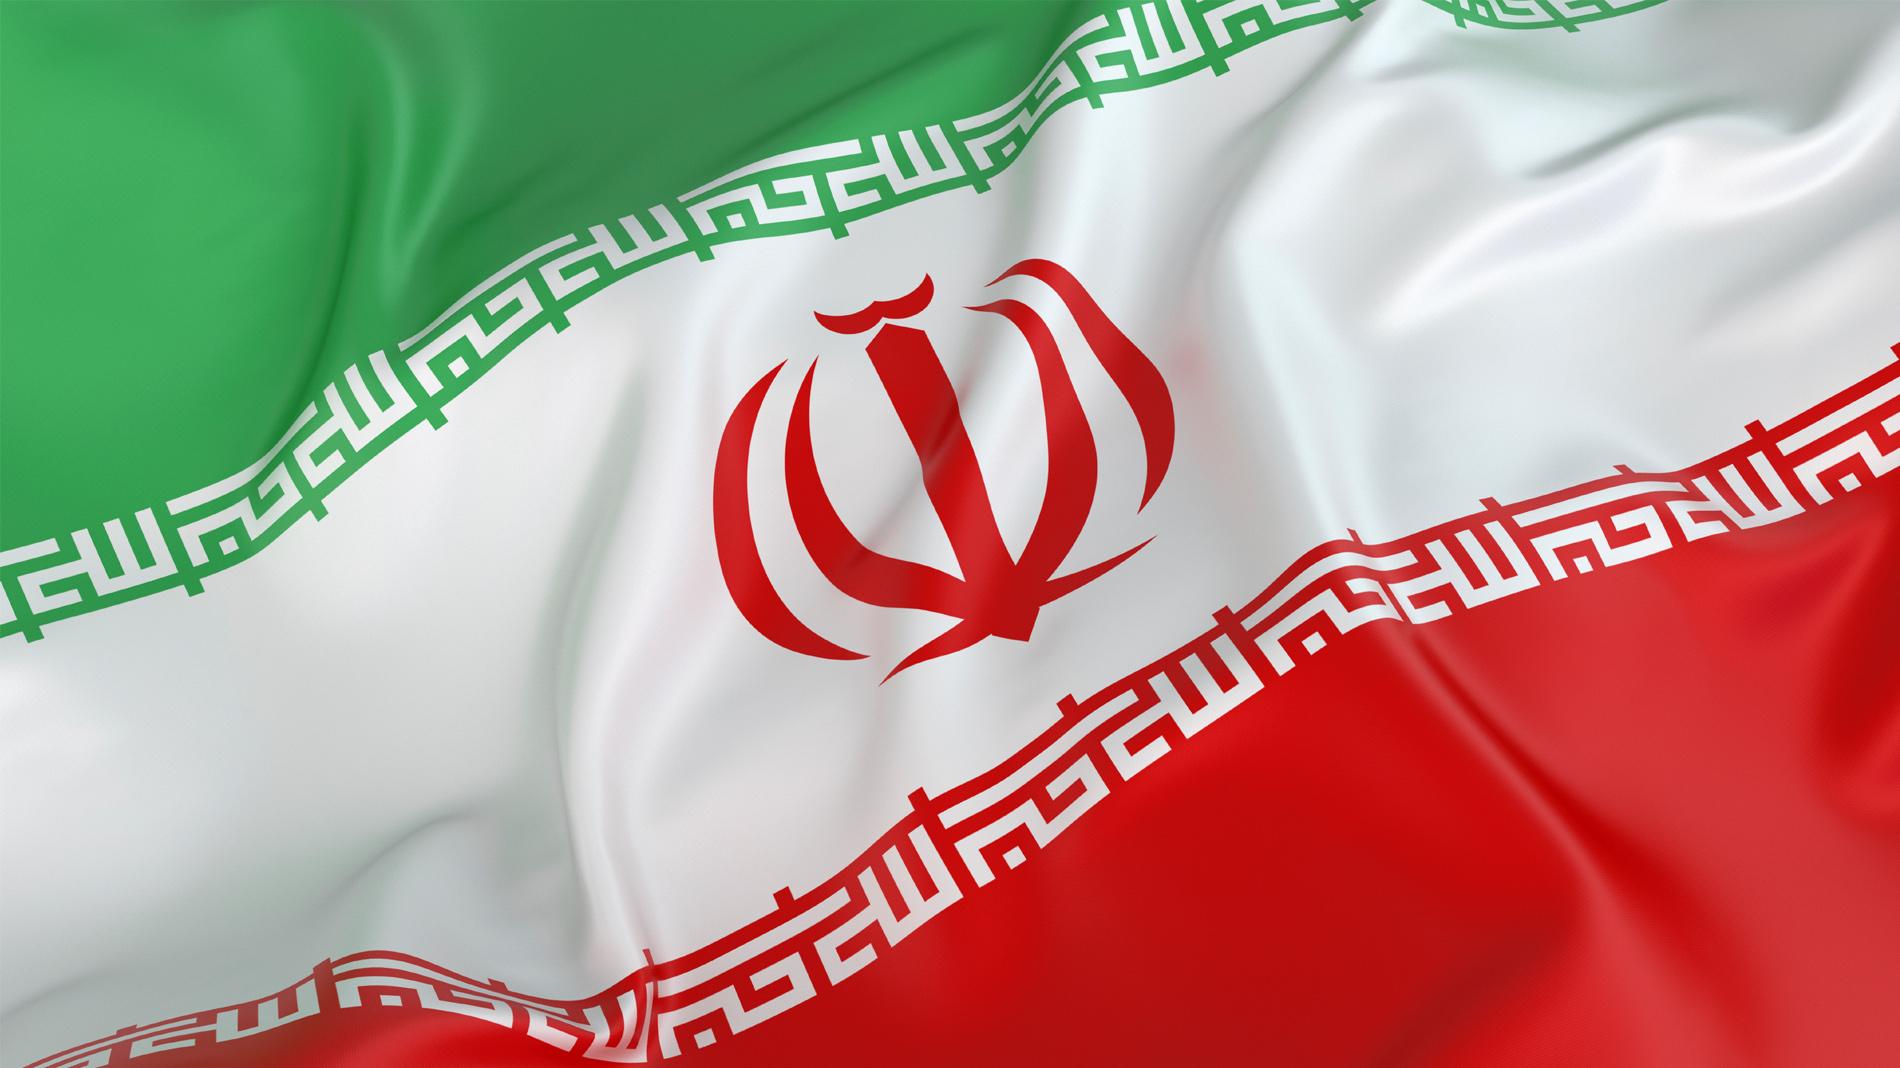 ۲۲بهمن سالروز پیروزی انقلاب اسلامی ایران مبارکباد